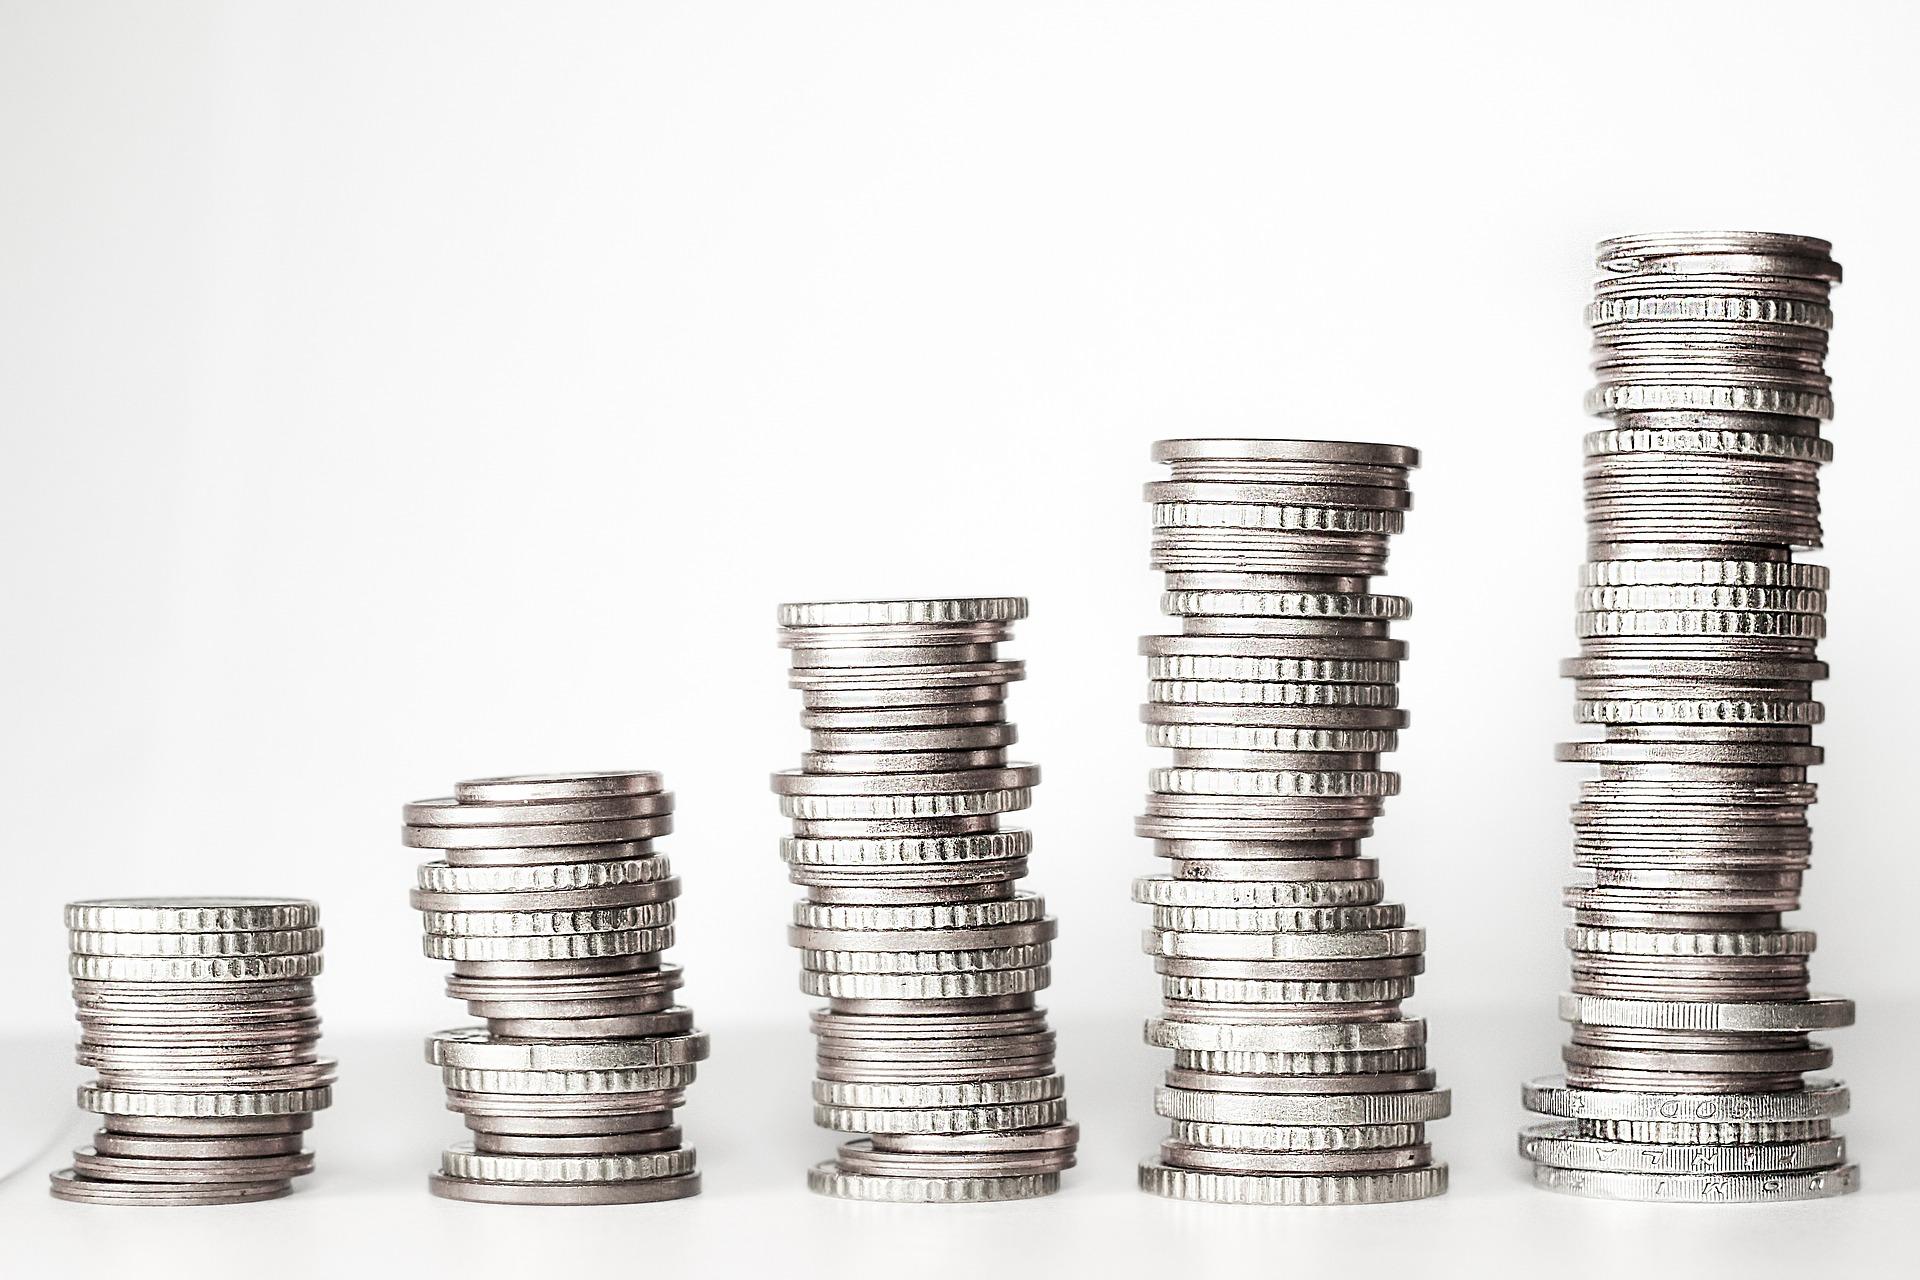 Como esperado, Copom mantém taxa de juros em 6,5% ao ano